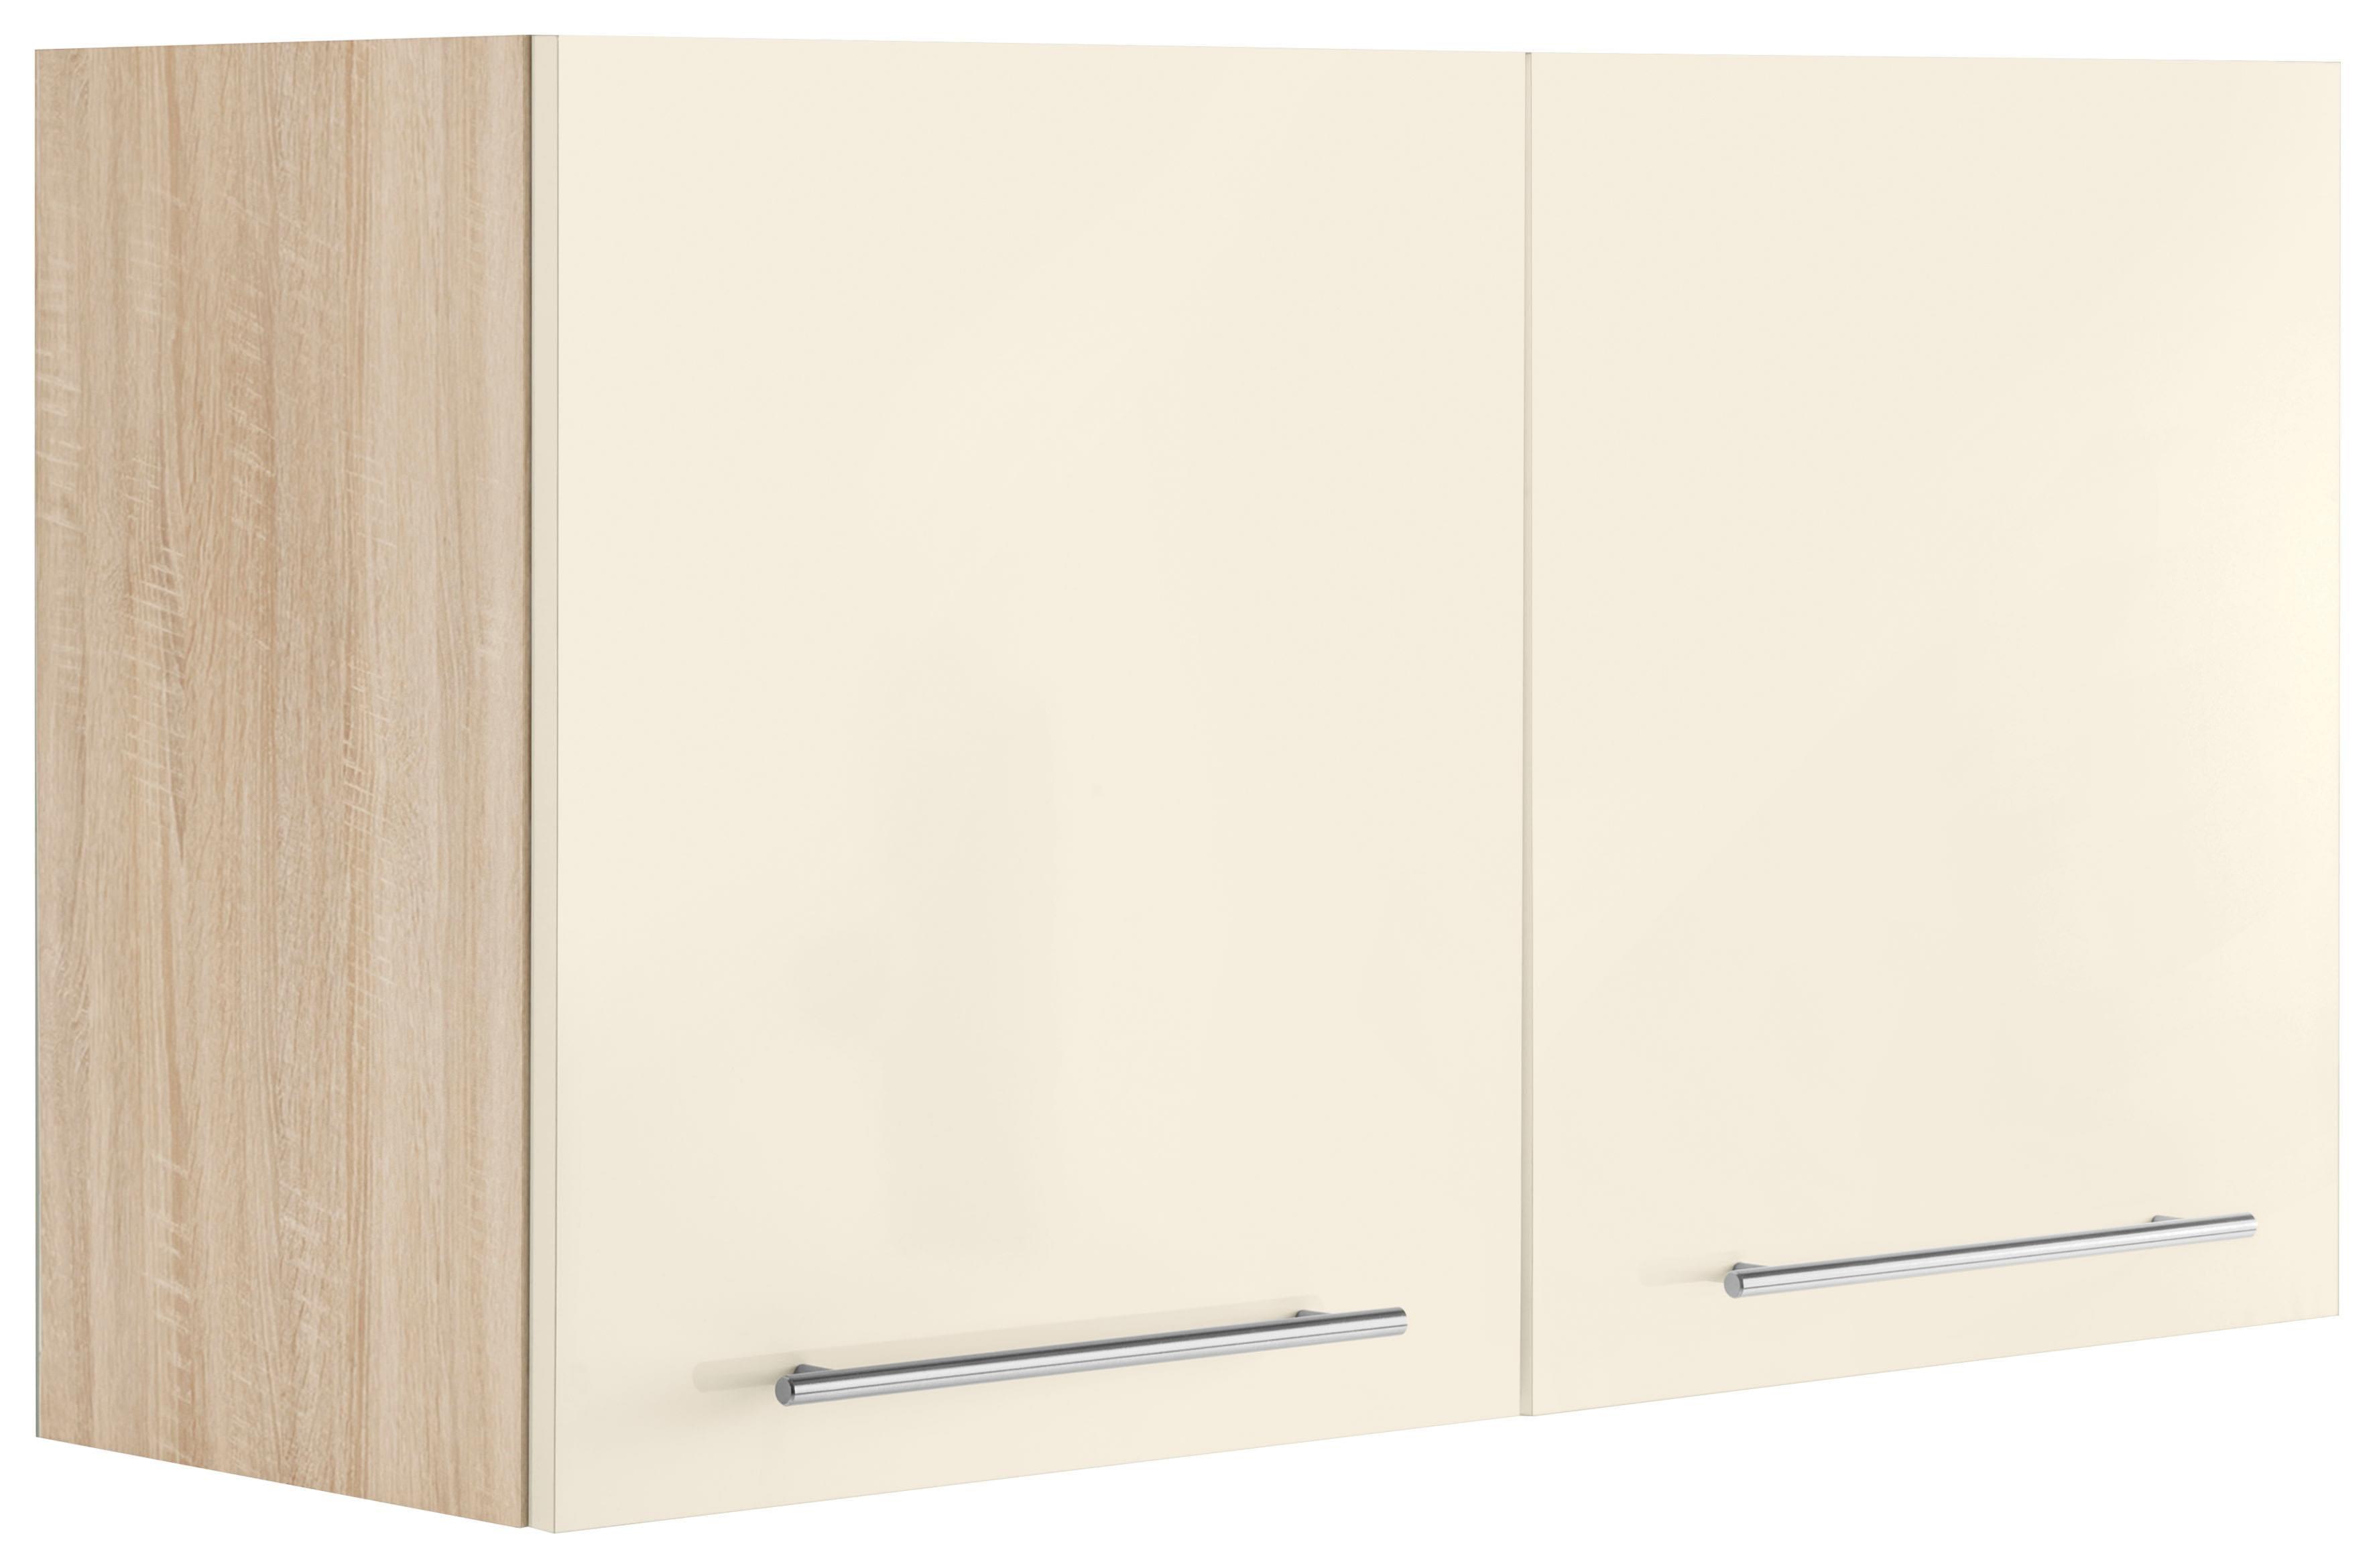 WIHO-Küchen Hängeschrank »Flexi2«, Breite 100 cm | Küche und Esszimmer > Küchenschränke > Küchen-Hängeschränke | WIHO KÜCHEN